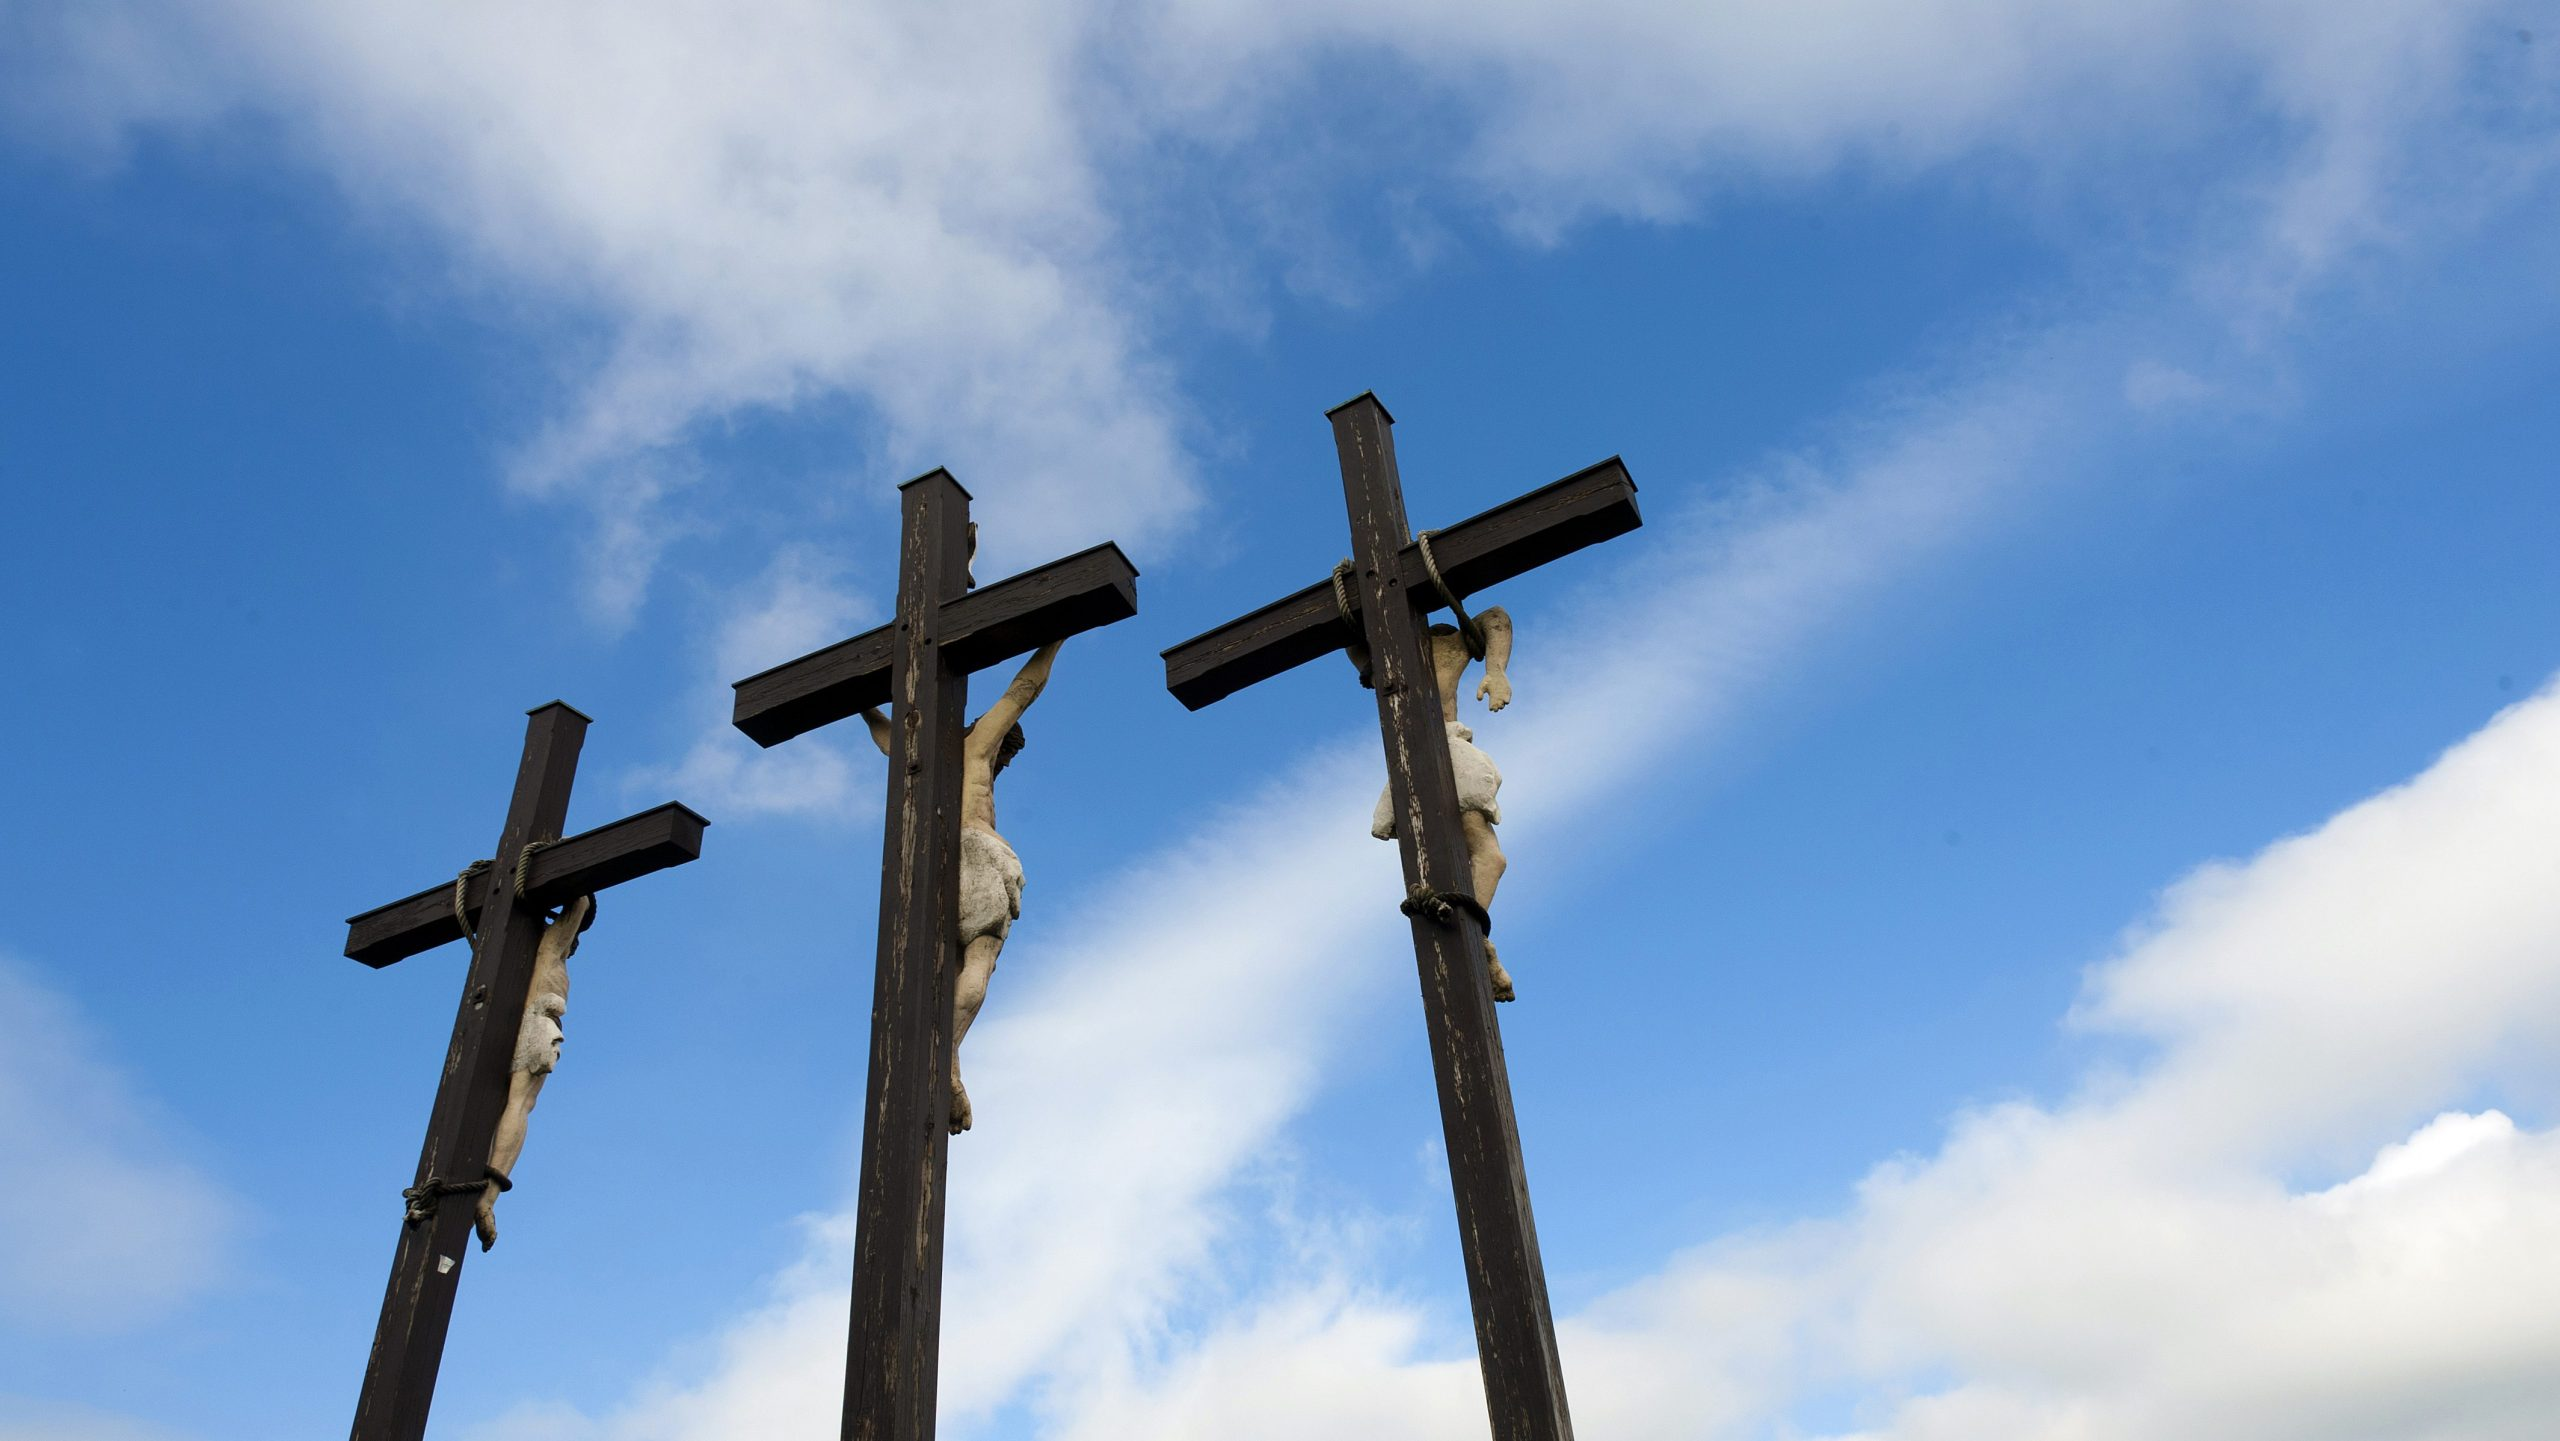 Drei Kreuze an denen drei Statuen symbolisch gekreuzigt wurden. Der Blick des Betrachters geht in Richtung Himmel, die Kreuze sind von der Rückseite aus zu sehen.